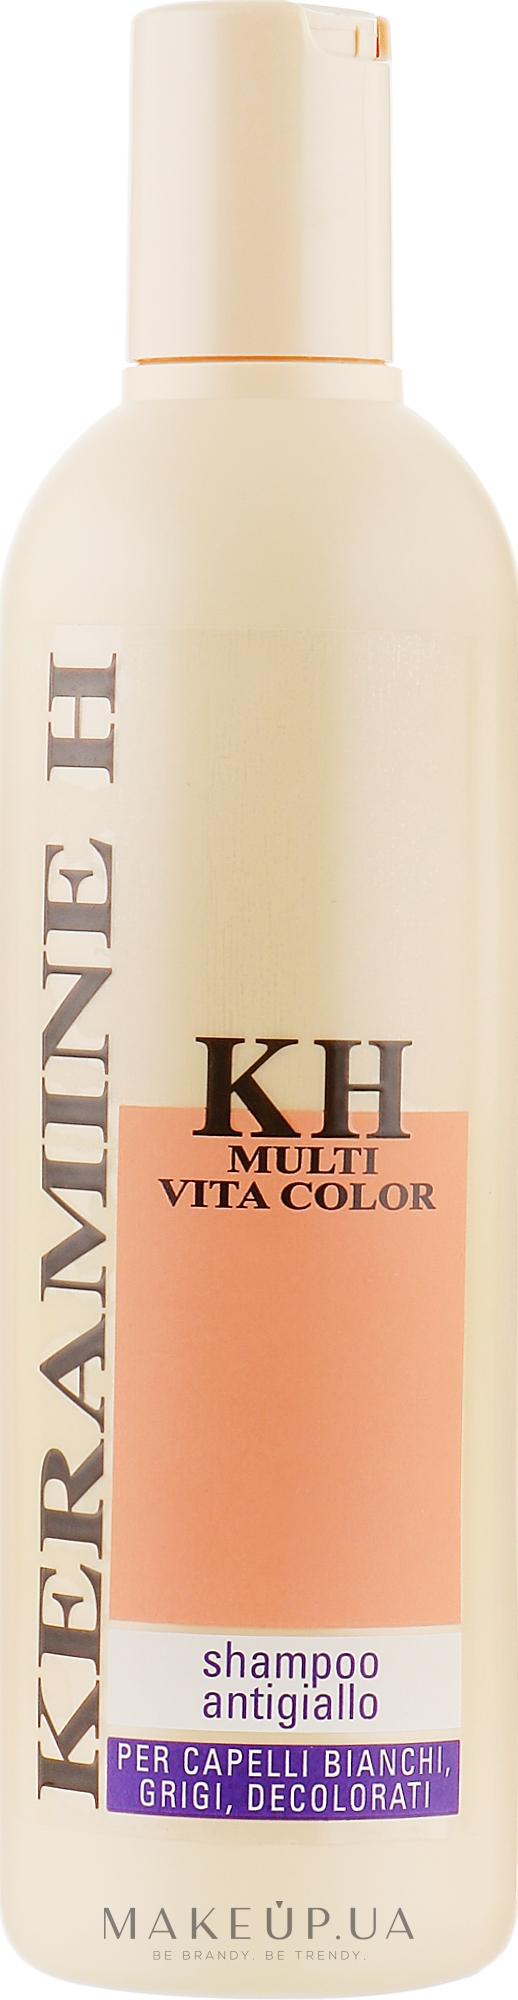 Шампунь для попередження пожовтіння волосся - Keramine H Shampoo Antigiallo Multi Vita Color — фото 300ml